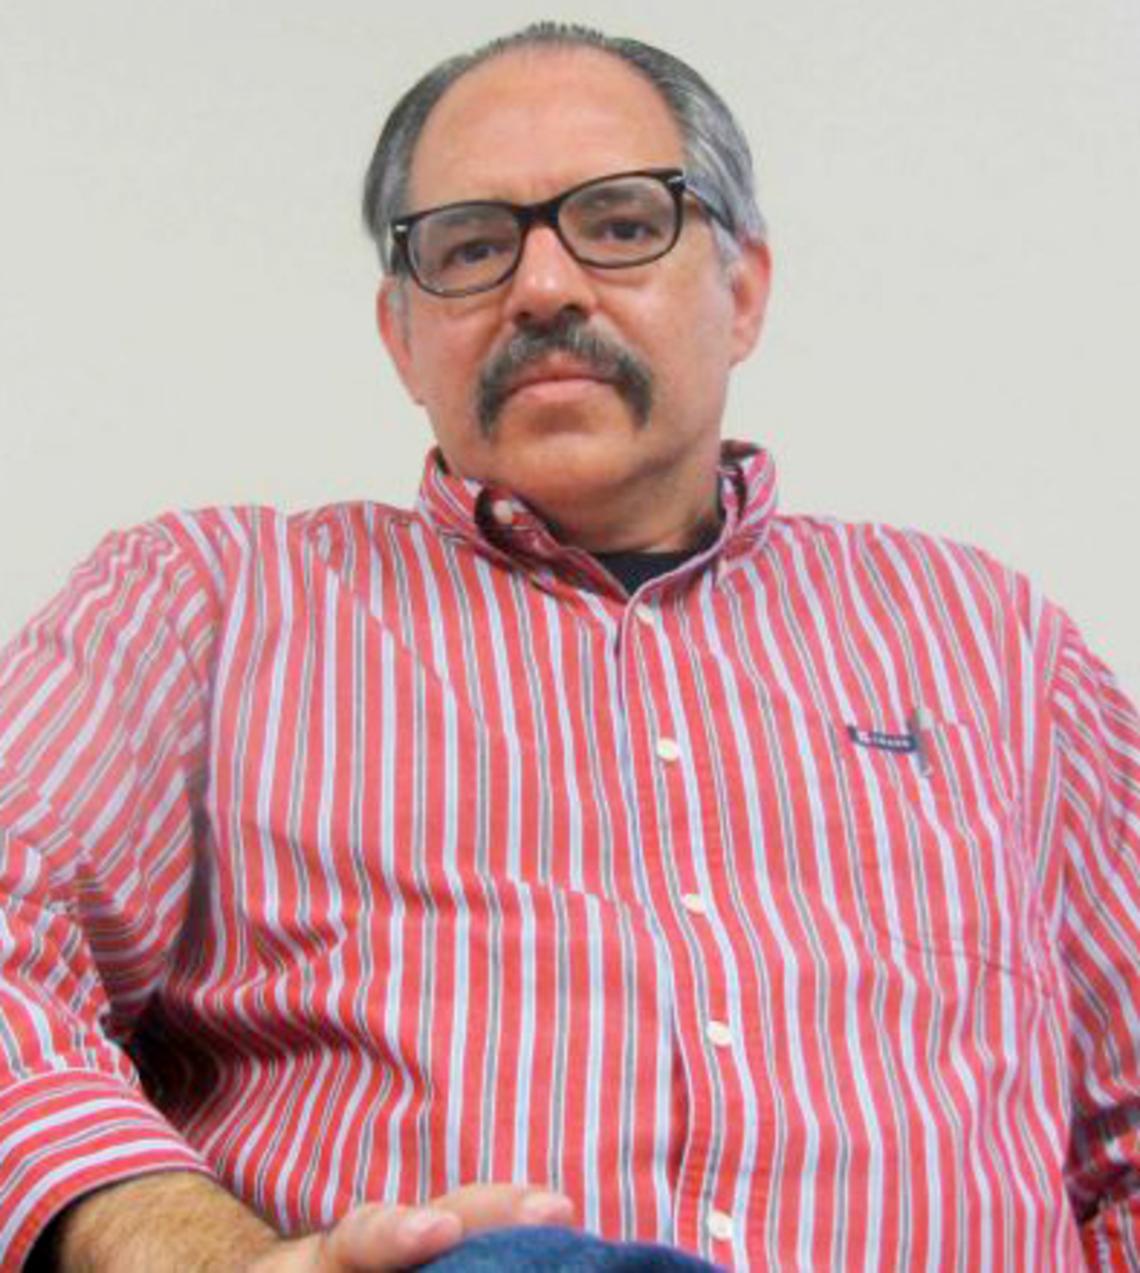 Paul Wright in 2012.